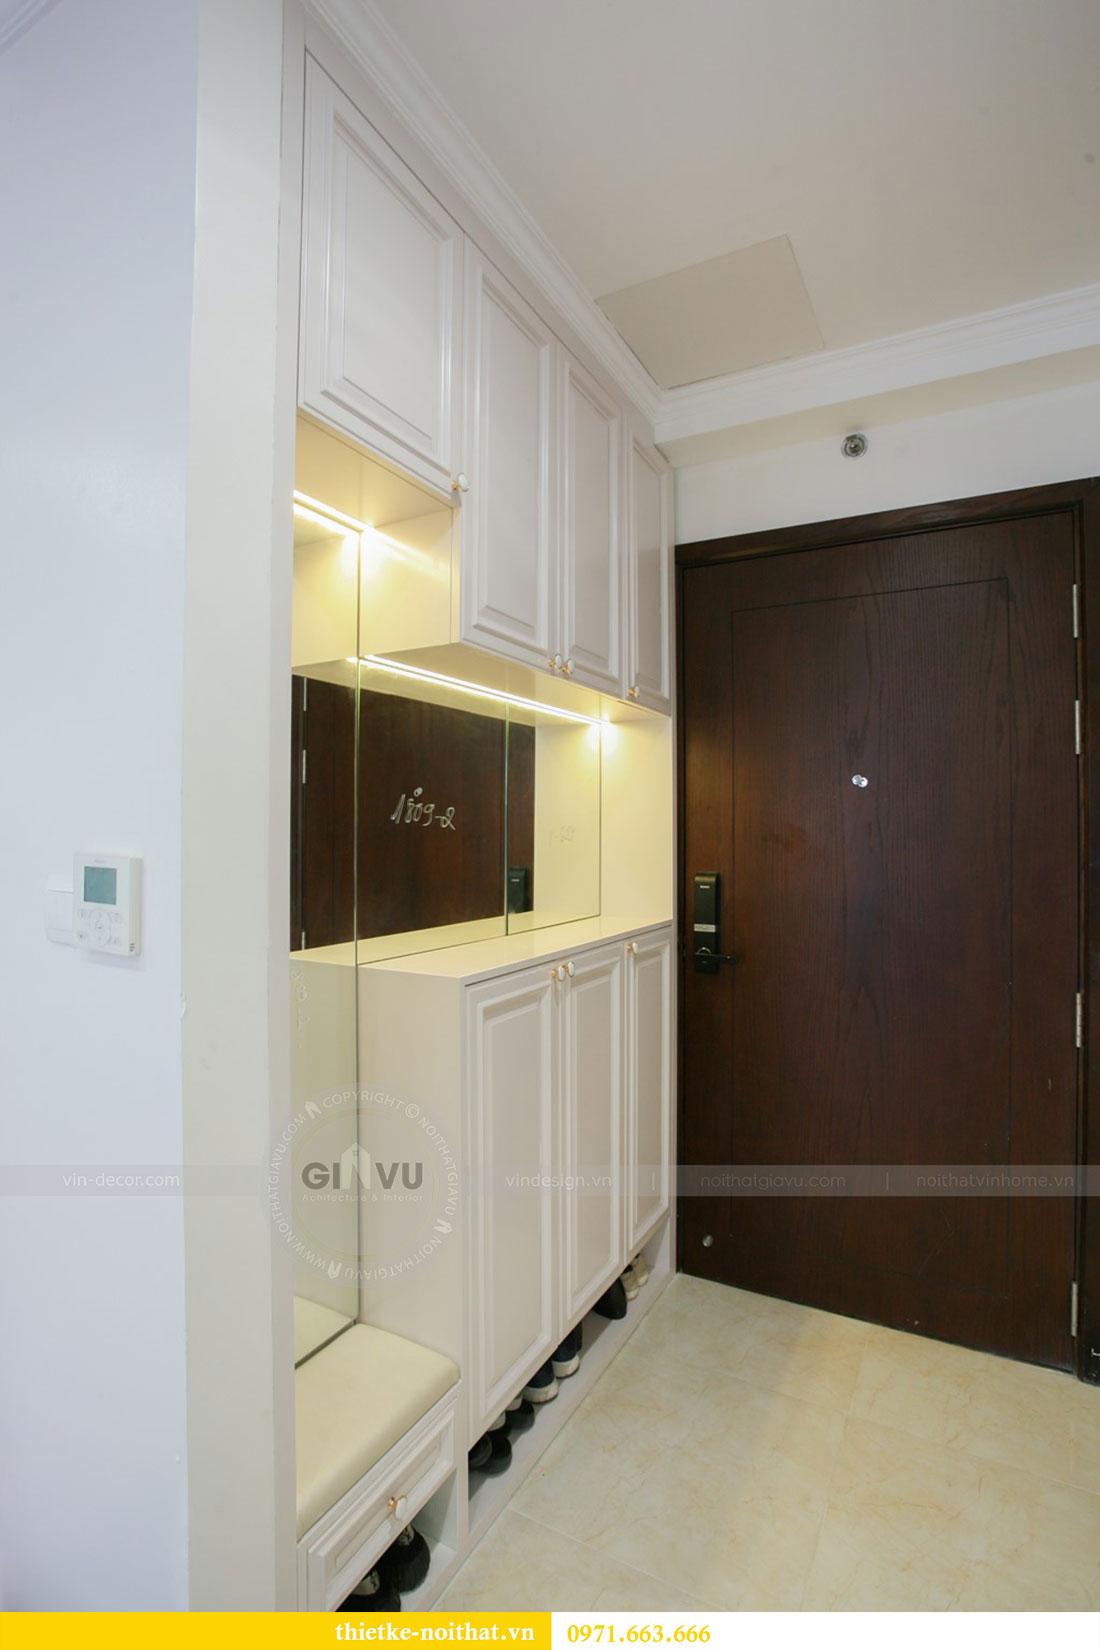 Hoàn thiện nội thất chung cư căn hộ 85m2 chỉ với 335 triệu đồng 1